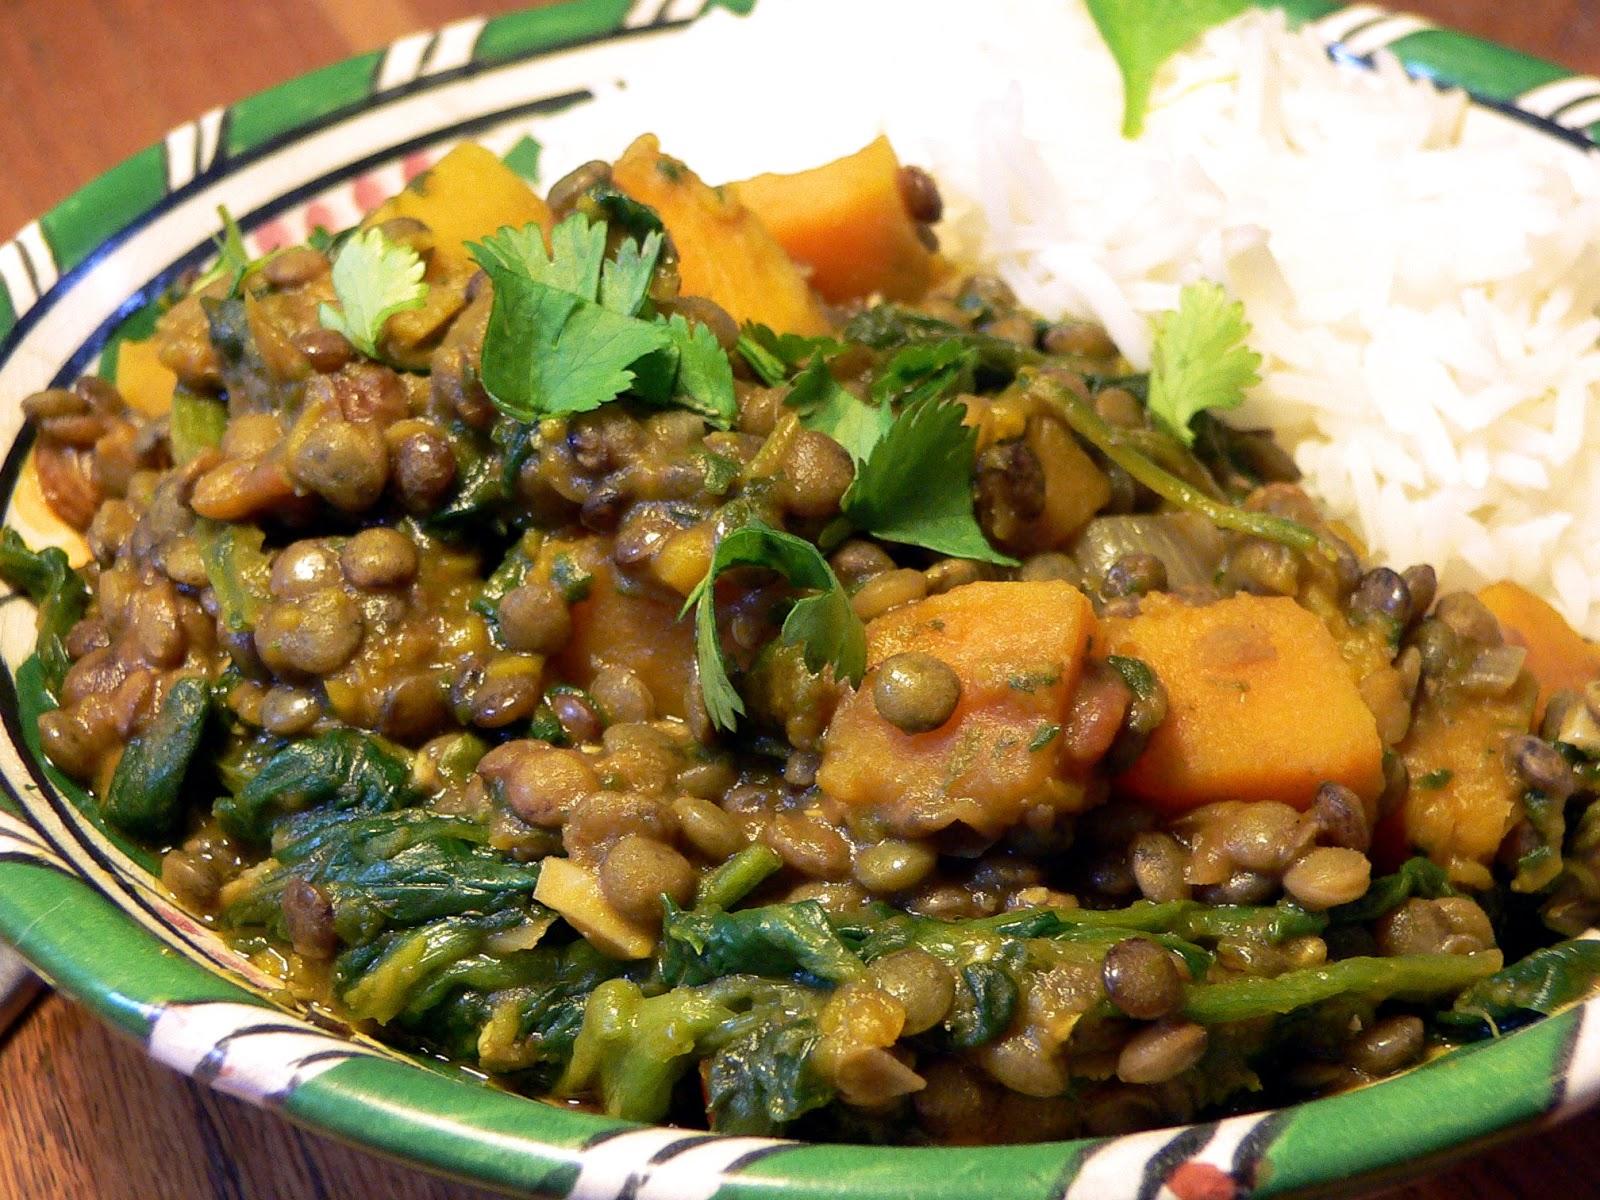 Vegetarische curry met pompoen, spinazie, rozijnen en Indiase kruiden